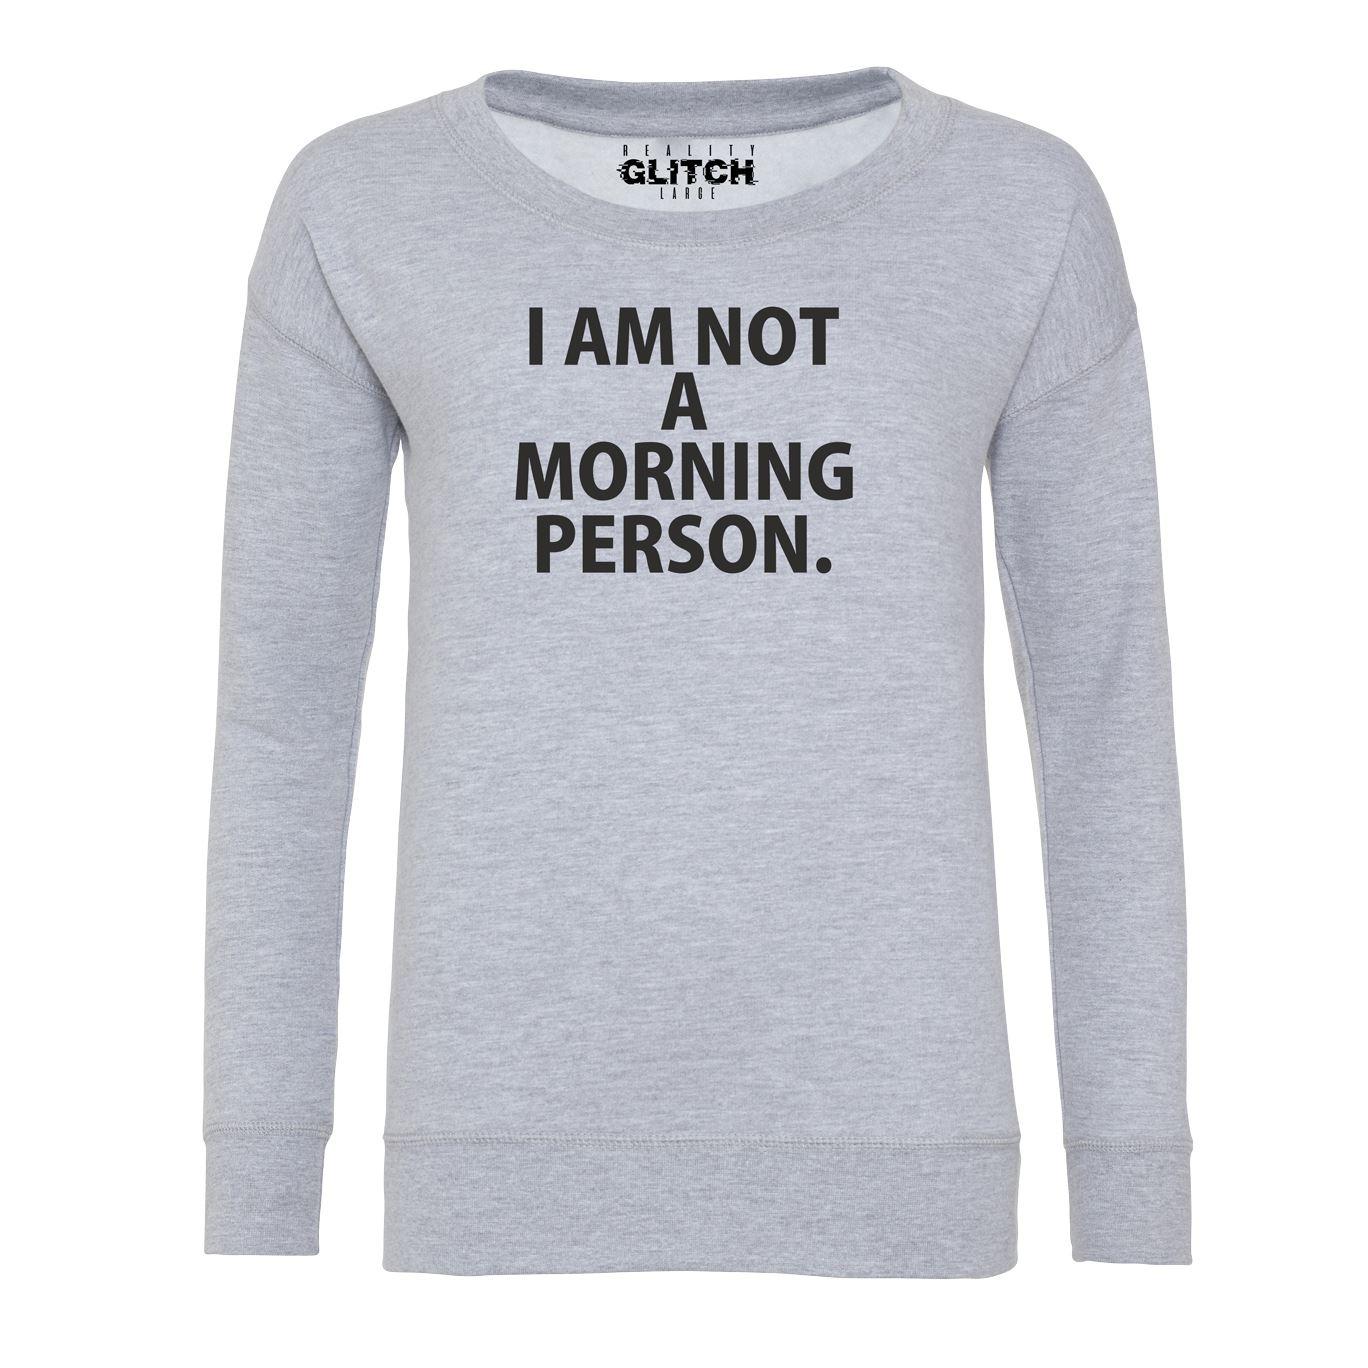 Joke Womens Vest I Only Do Mornings On December 25th Christmas Xmas Funny